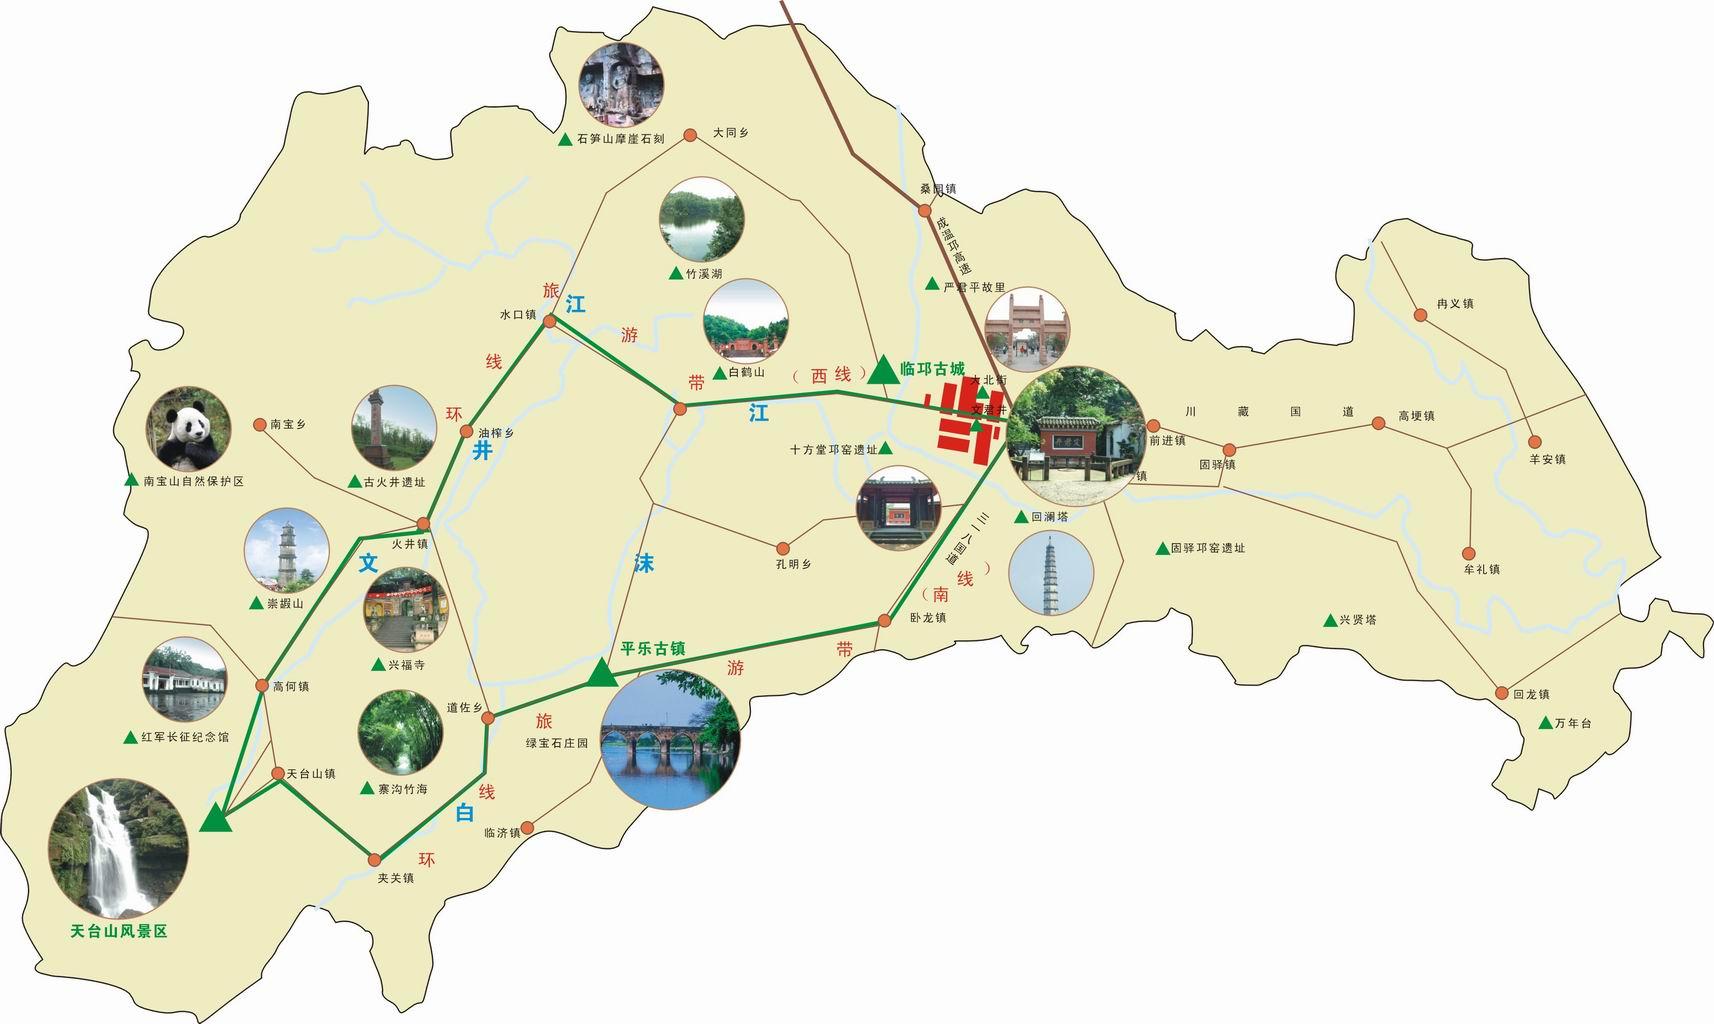 天台山旅游路线图